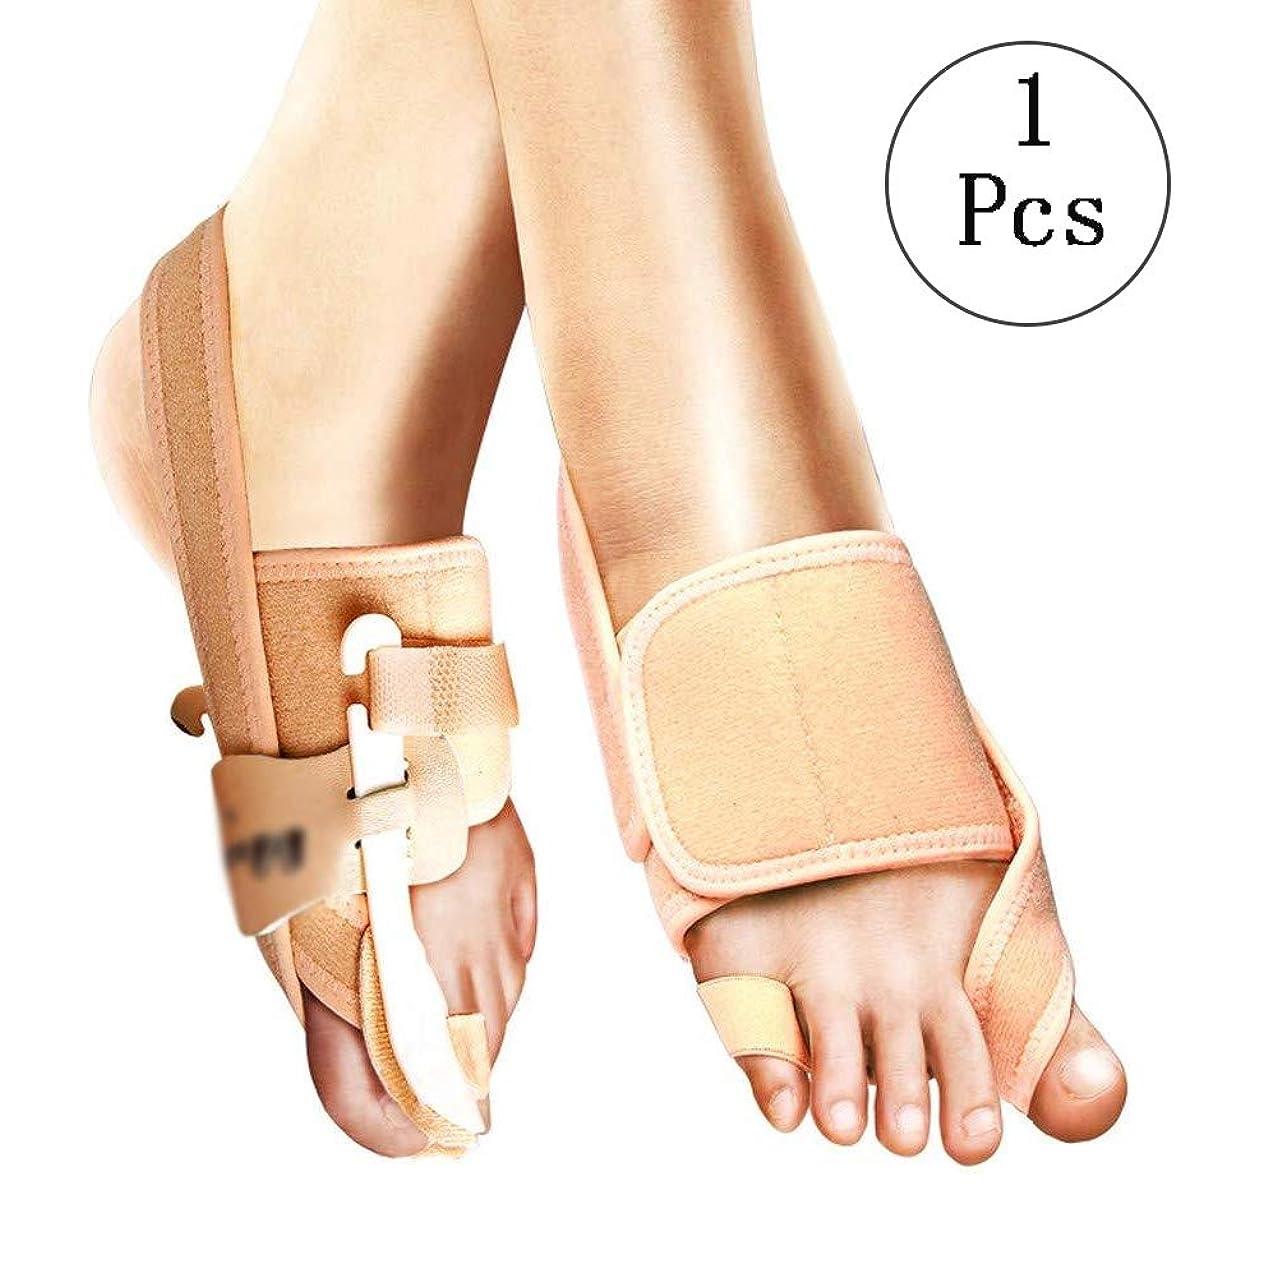 該当する通信するアクションつま先セパレーター付きの足の親指矯正器、男性と女性の柔らかいガスケット痛みを伴う外反母外傷スプレッダー大きな足装具包帯,LeftFoot-S